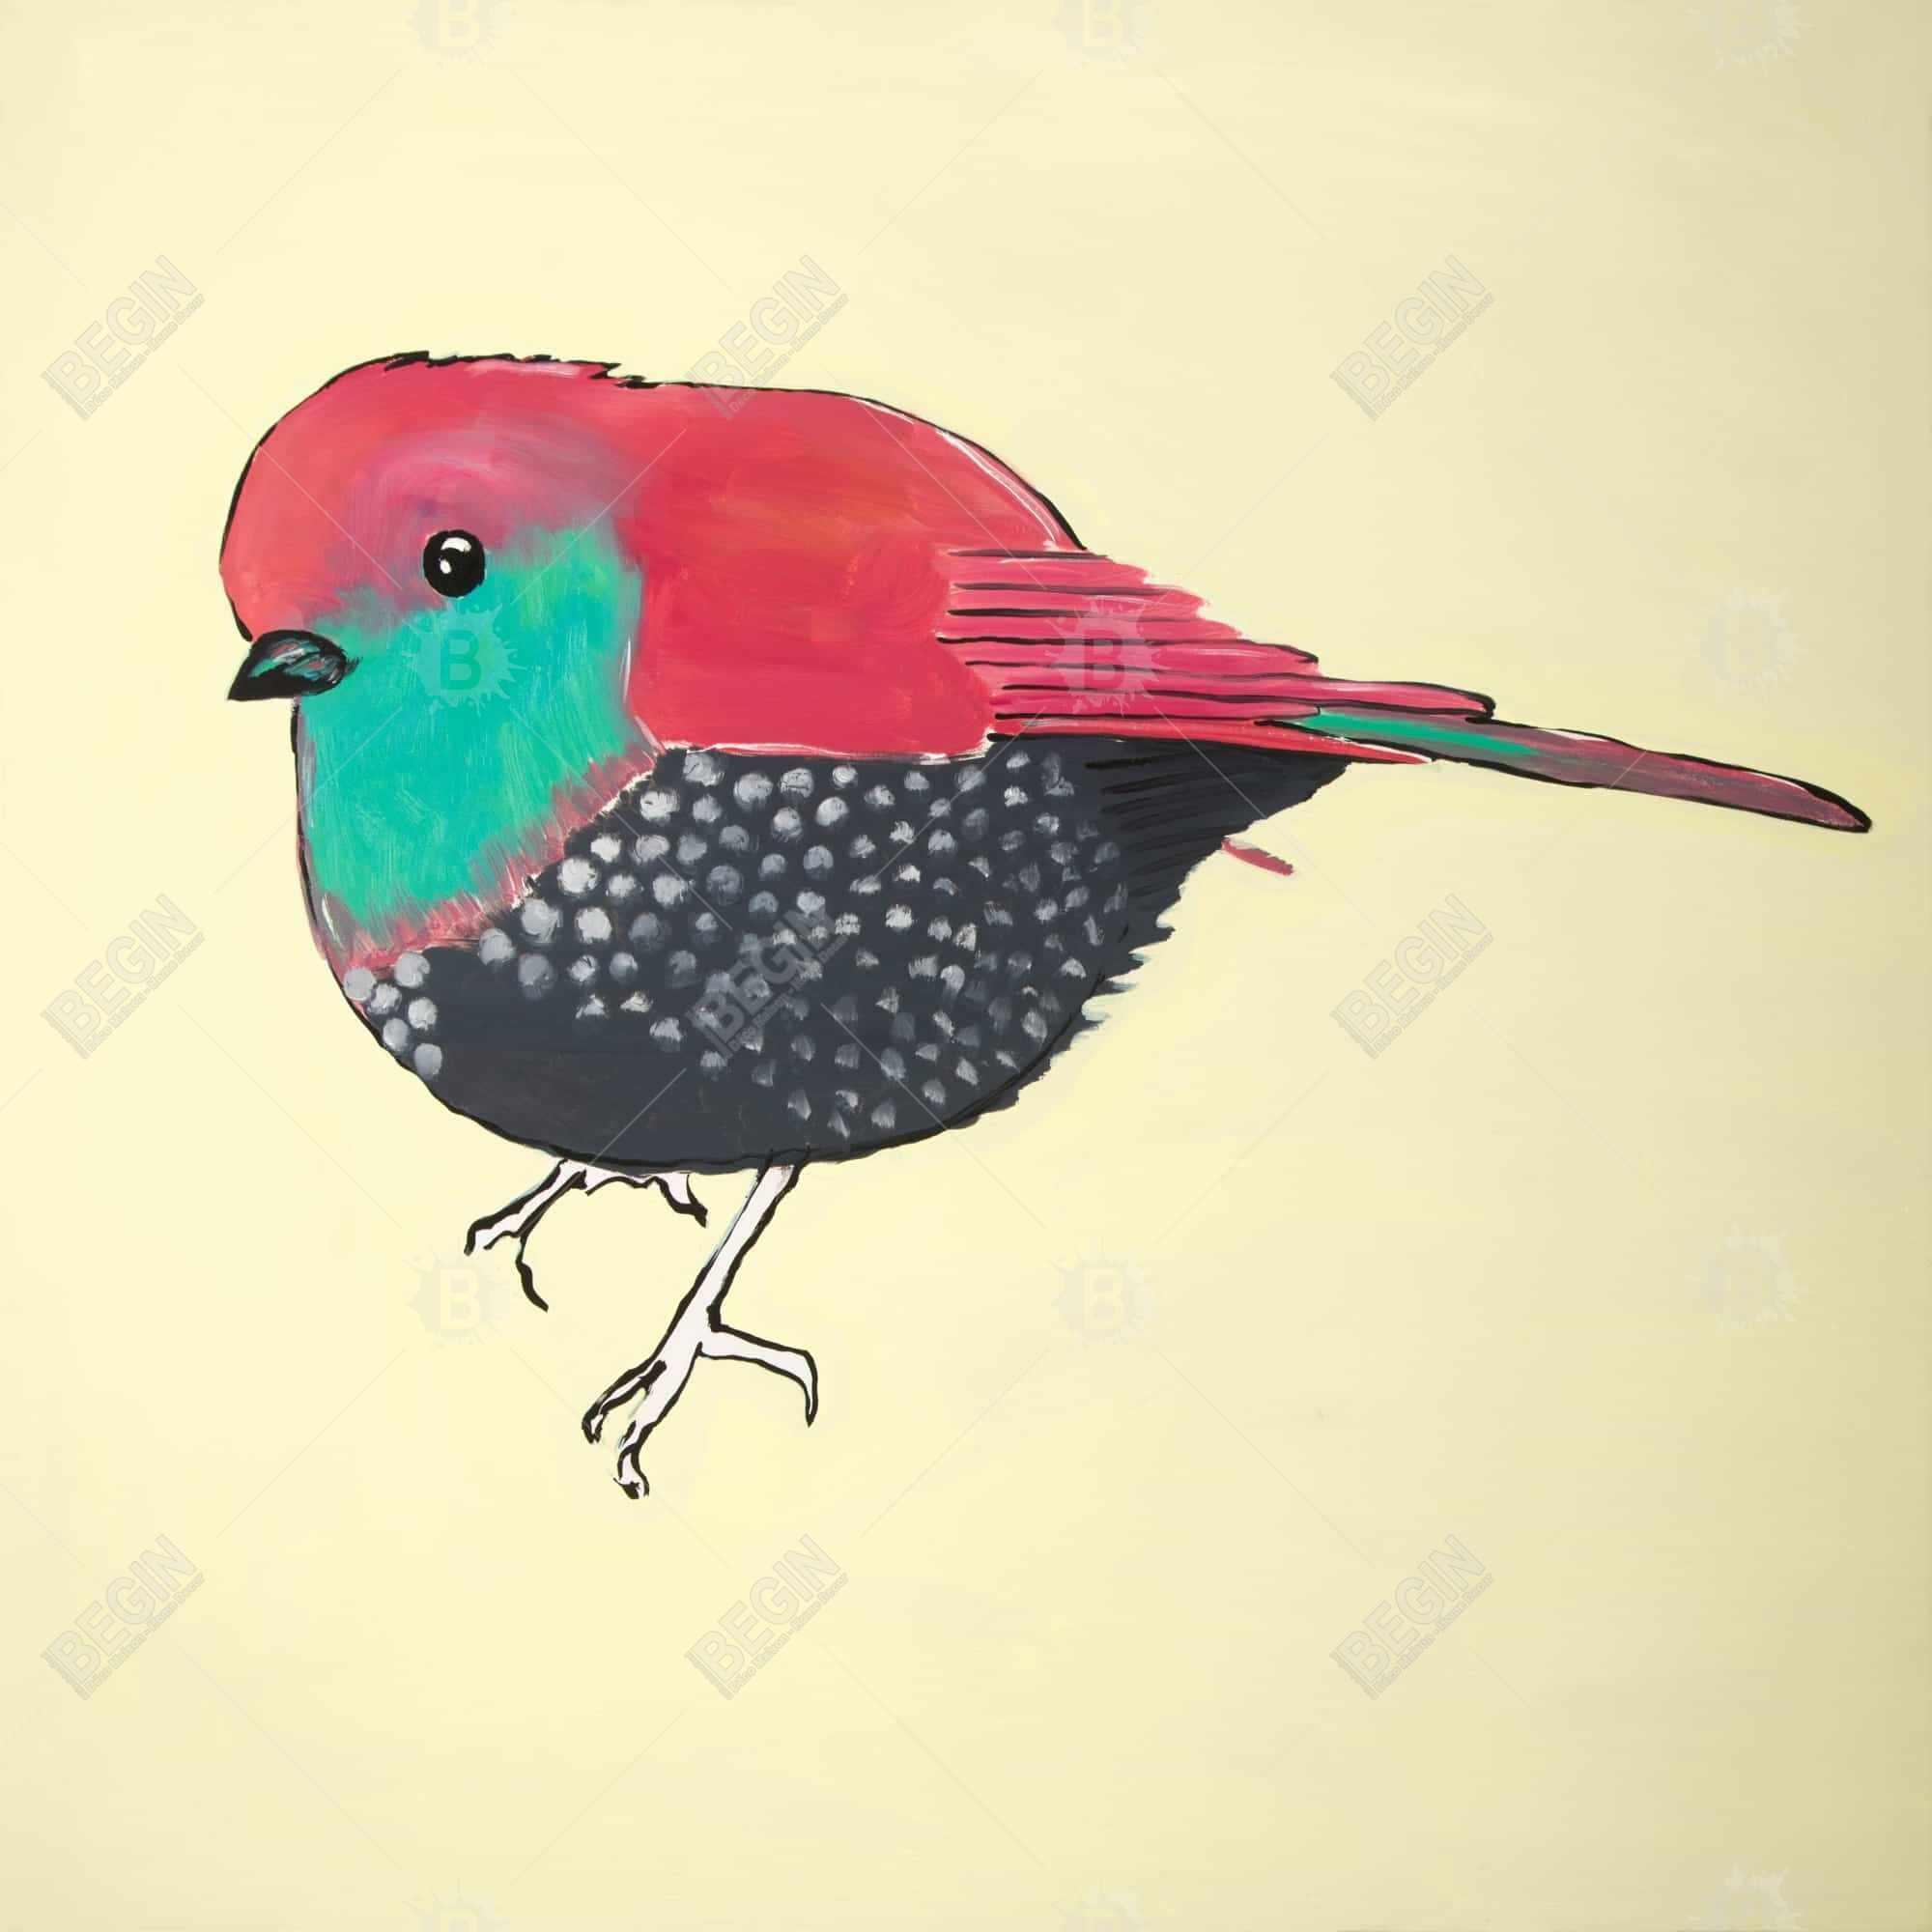 Little purple bird illustration